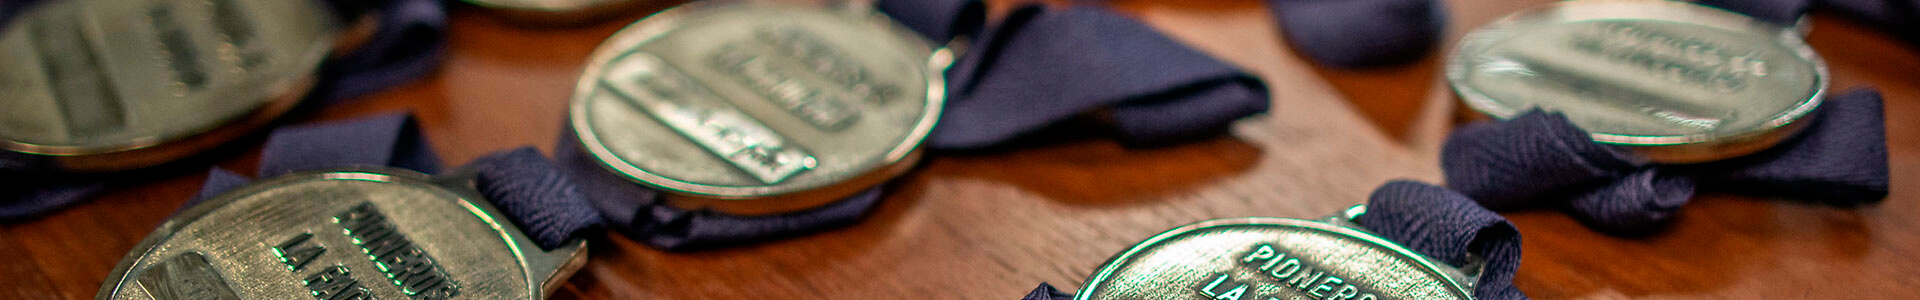 Premios a la Excelencia Docente - Facultad de Comunicación y Diseño - Universidad ORT Uruguay